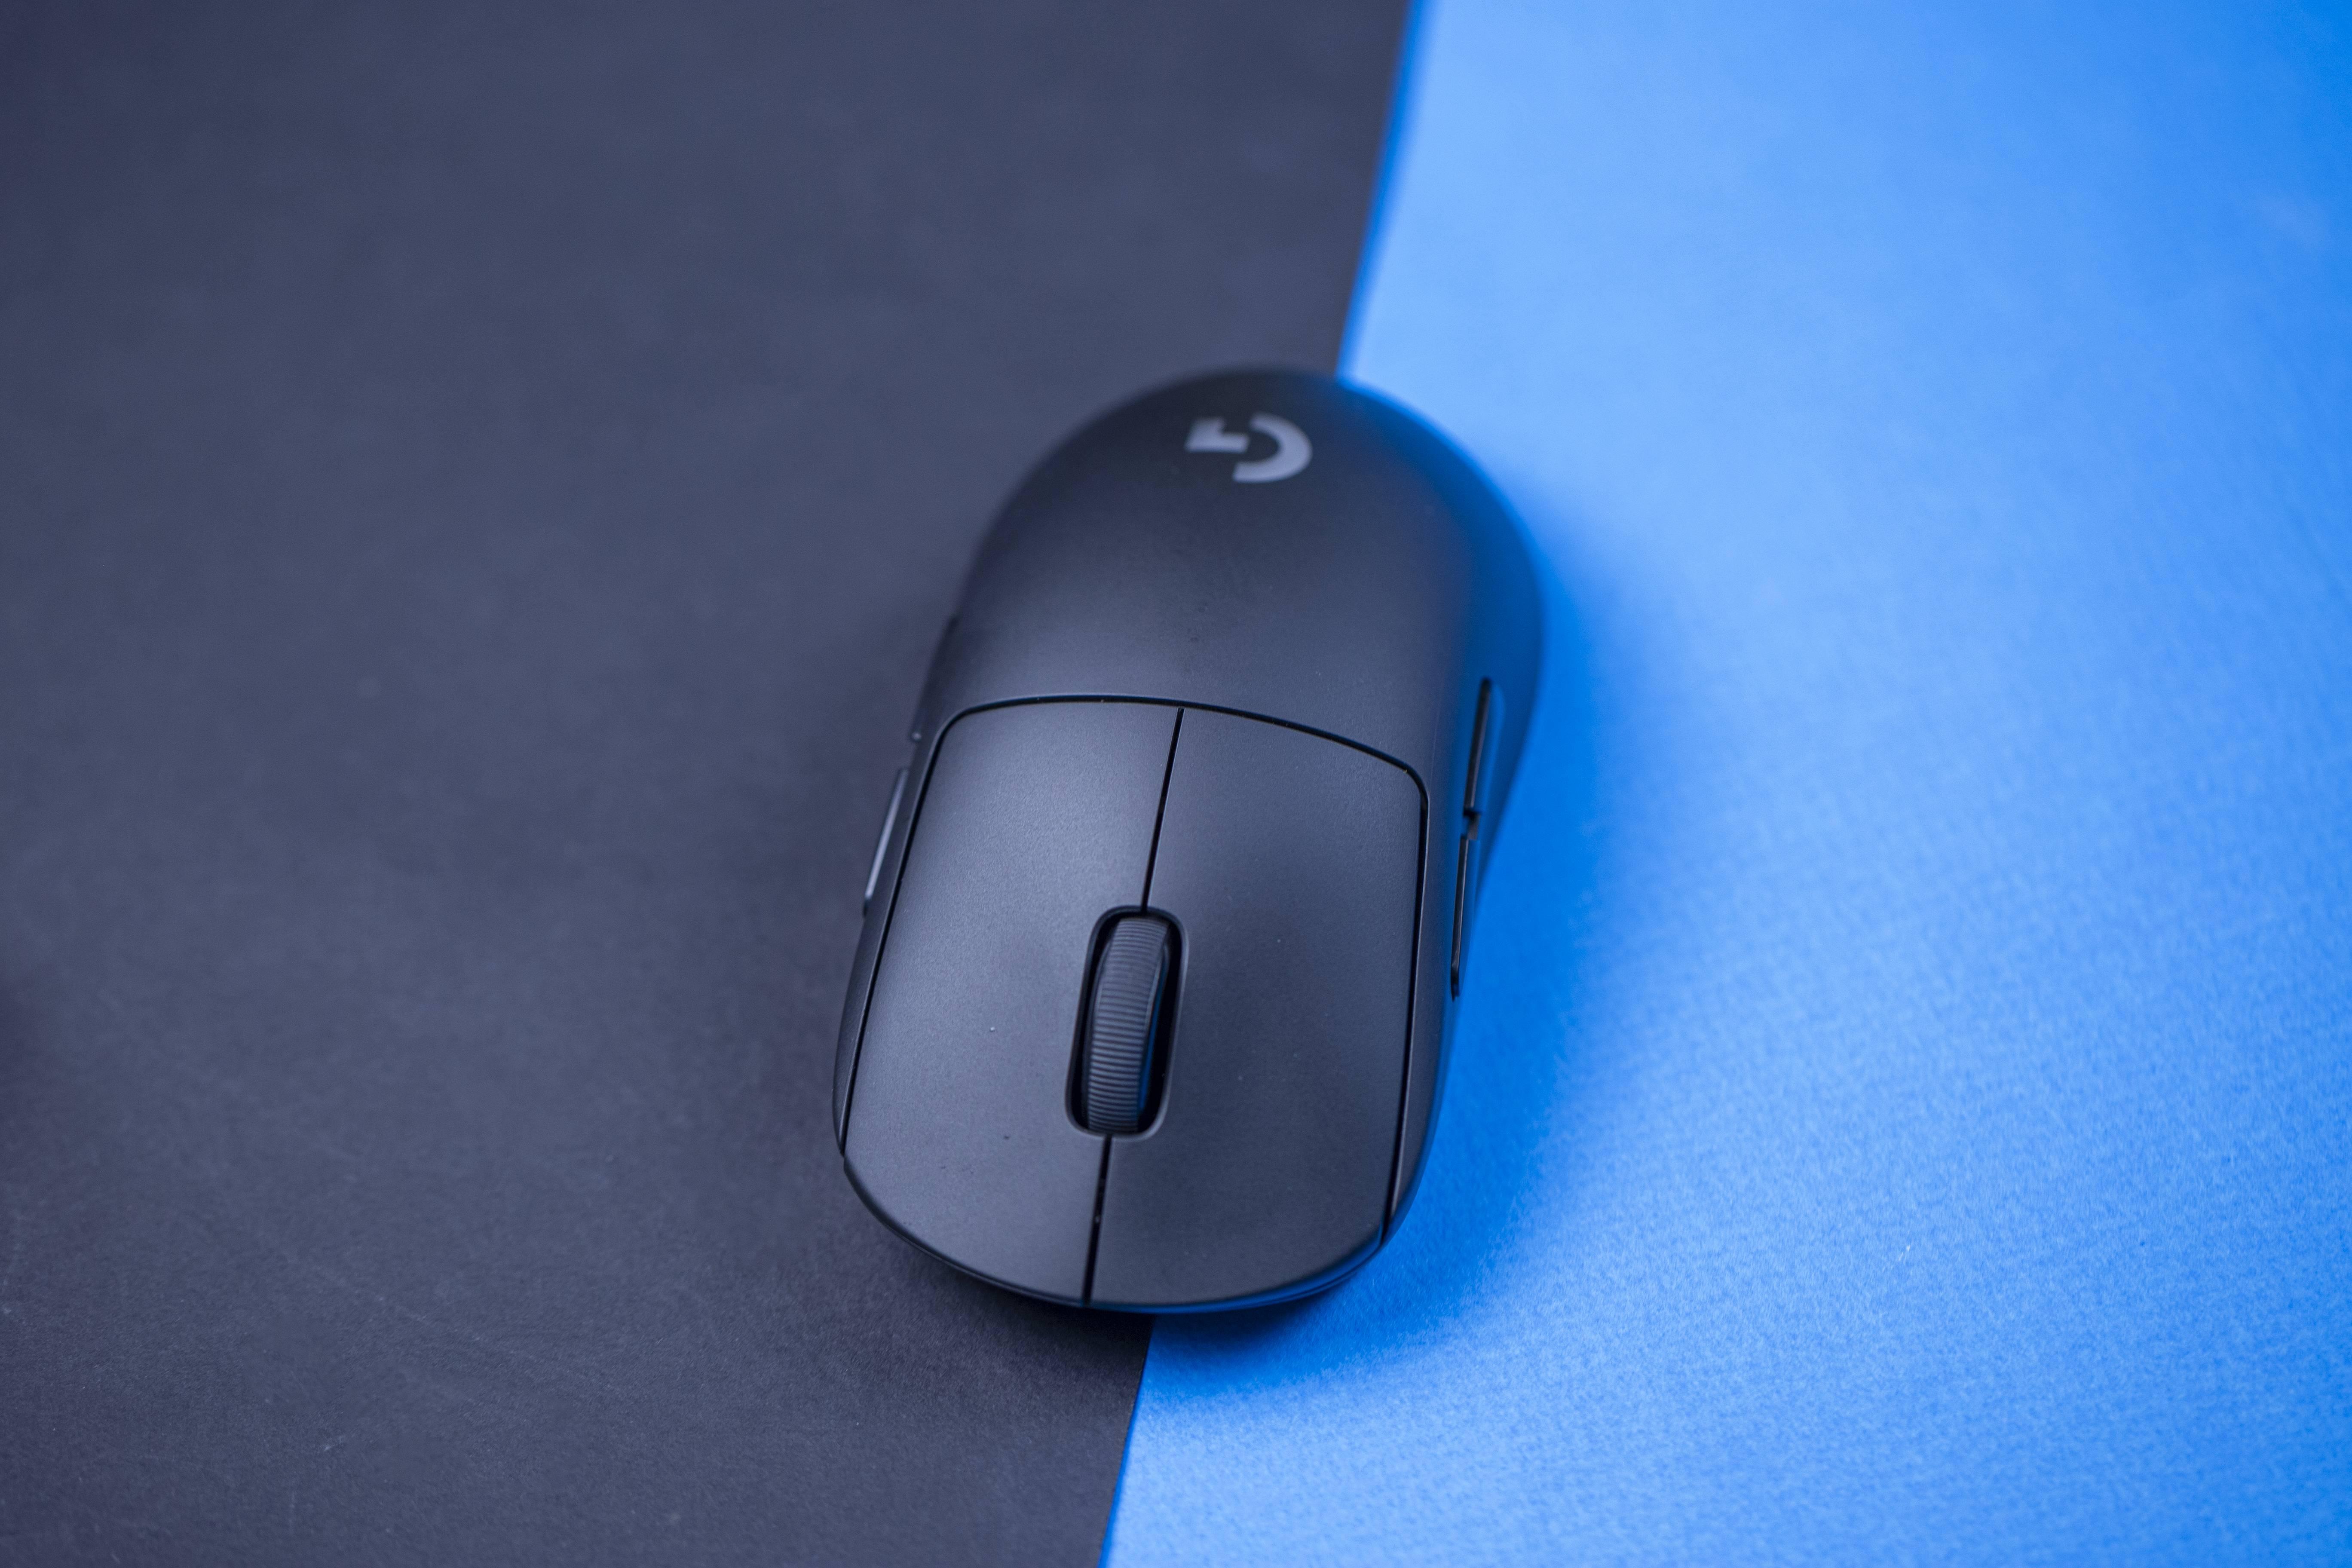 مُراجعة فأرة الألعاب الاسلكية Logitech G Pro Wireless